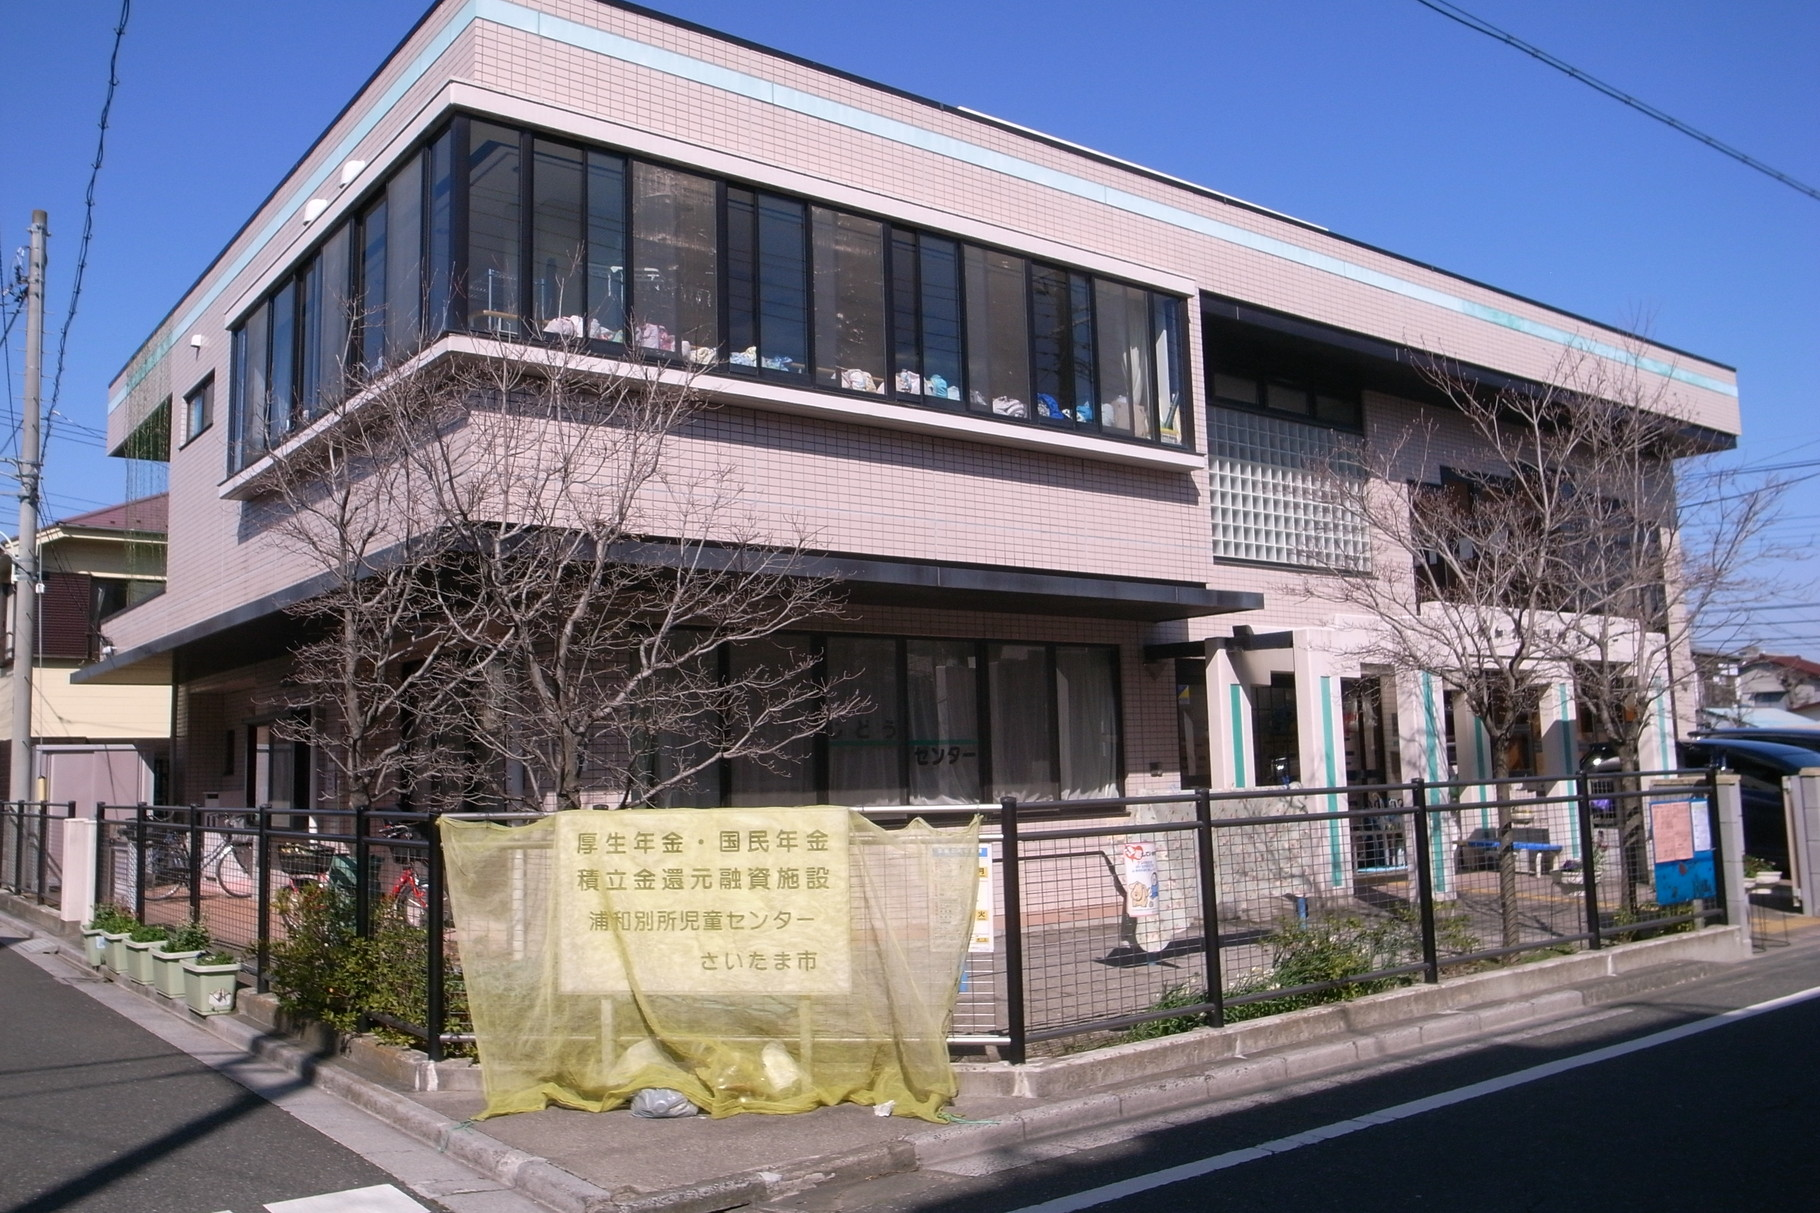 浦和別所児童センター・放課後児童クラブ 150m